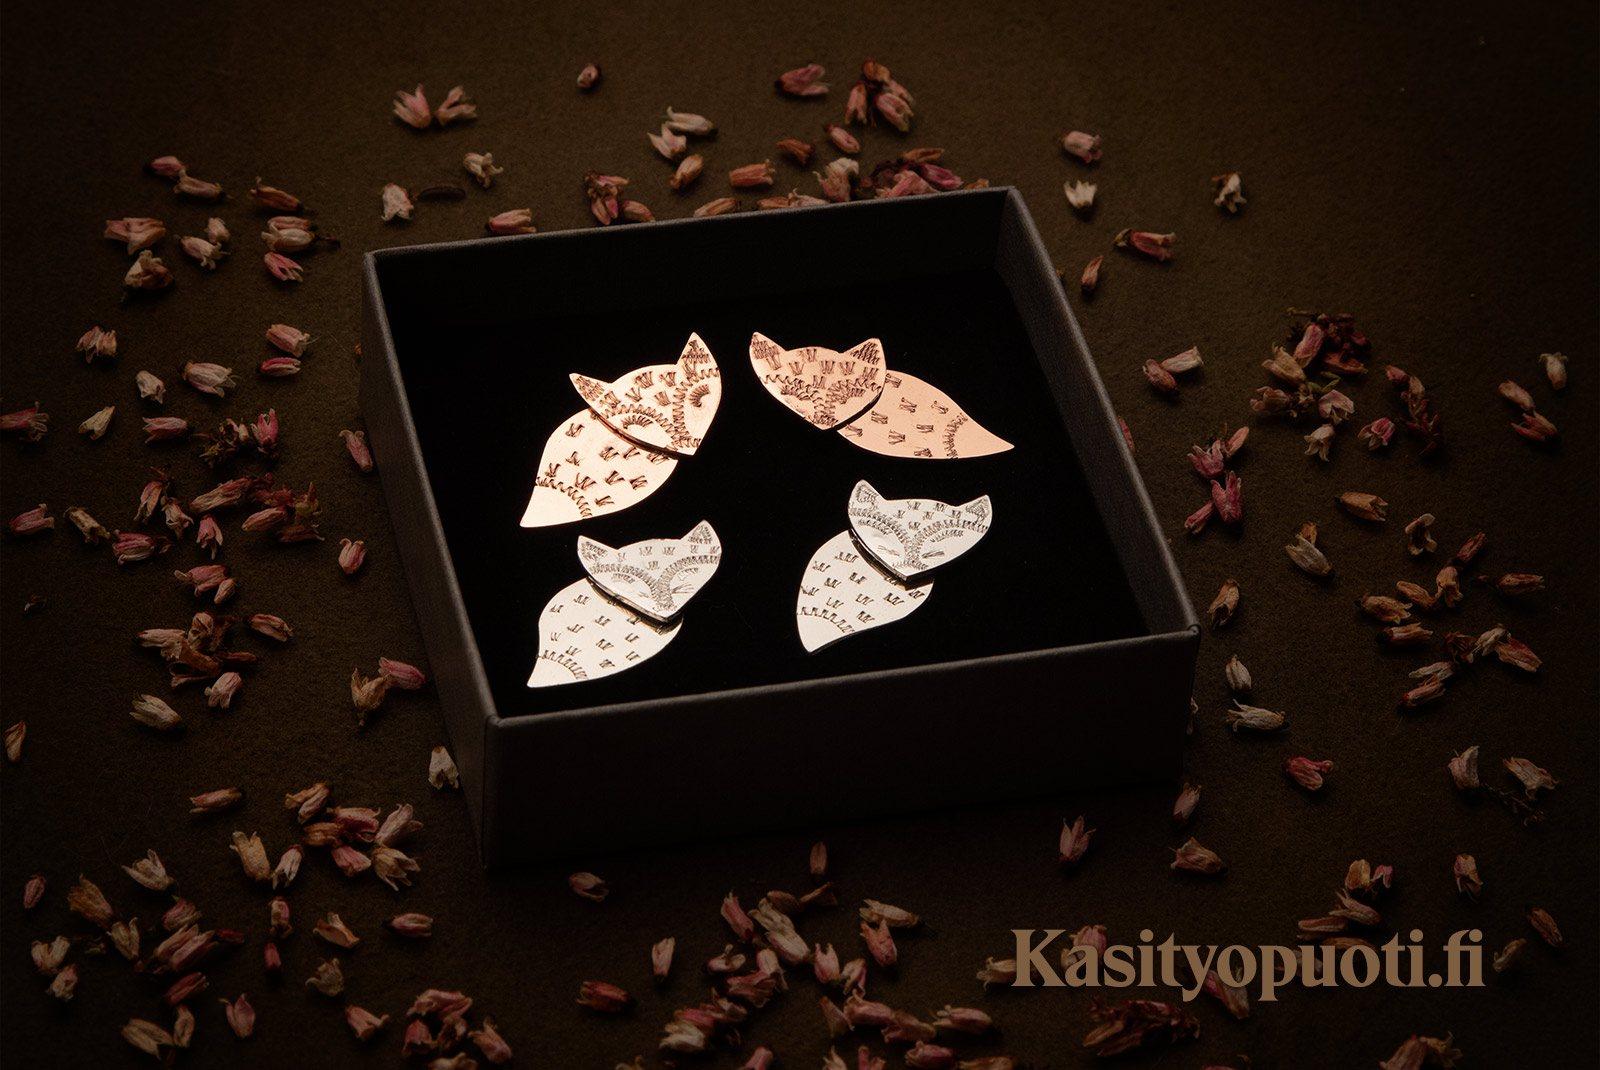 Kettu-korvakorut ovat saatavilla hopeisina ja kuparisina